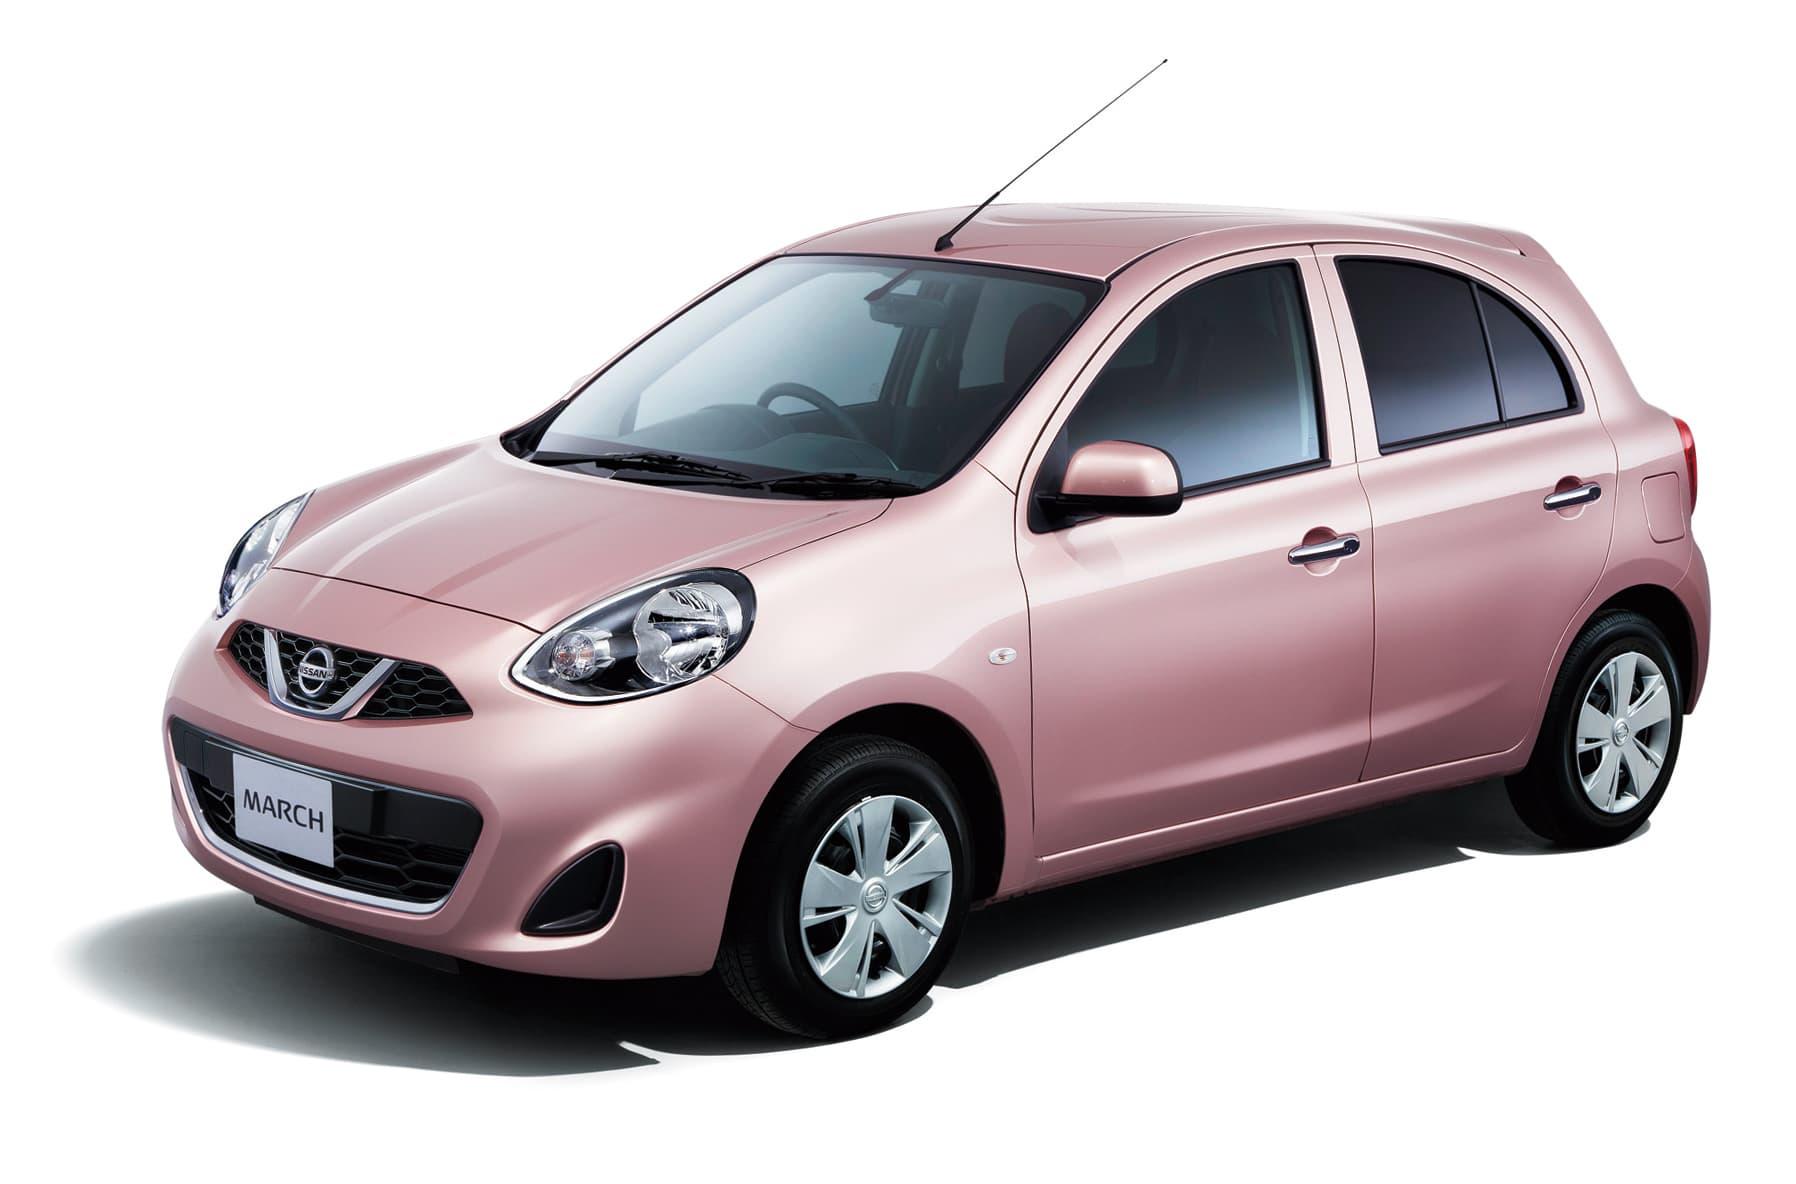 日産レンタカー神戸三宮中央店『【JAL 近畿】 車種無指定ダブルマイルプラン』